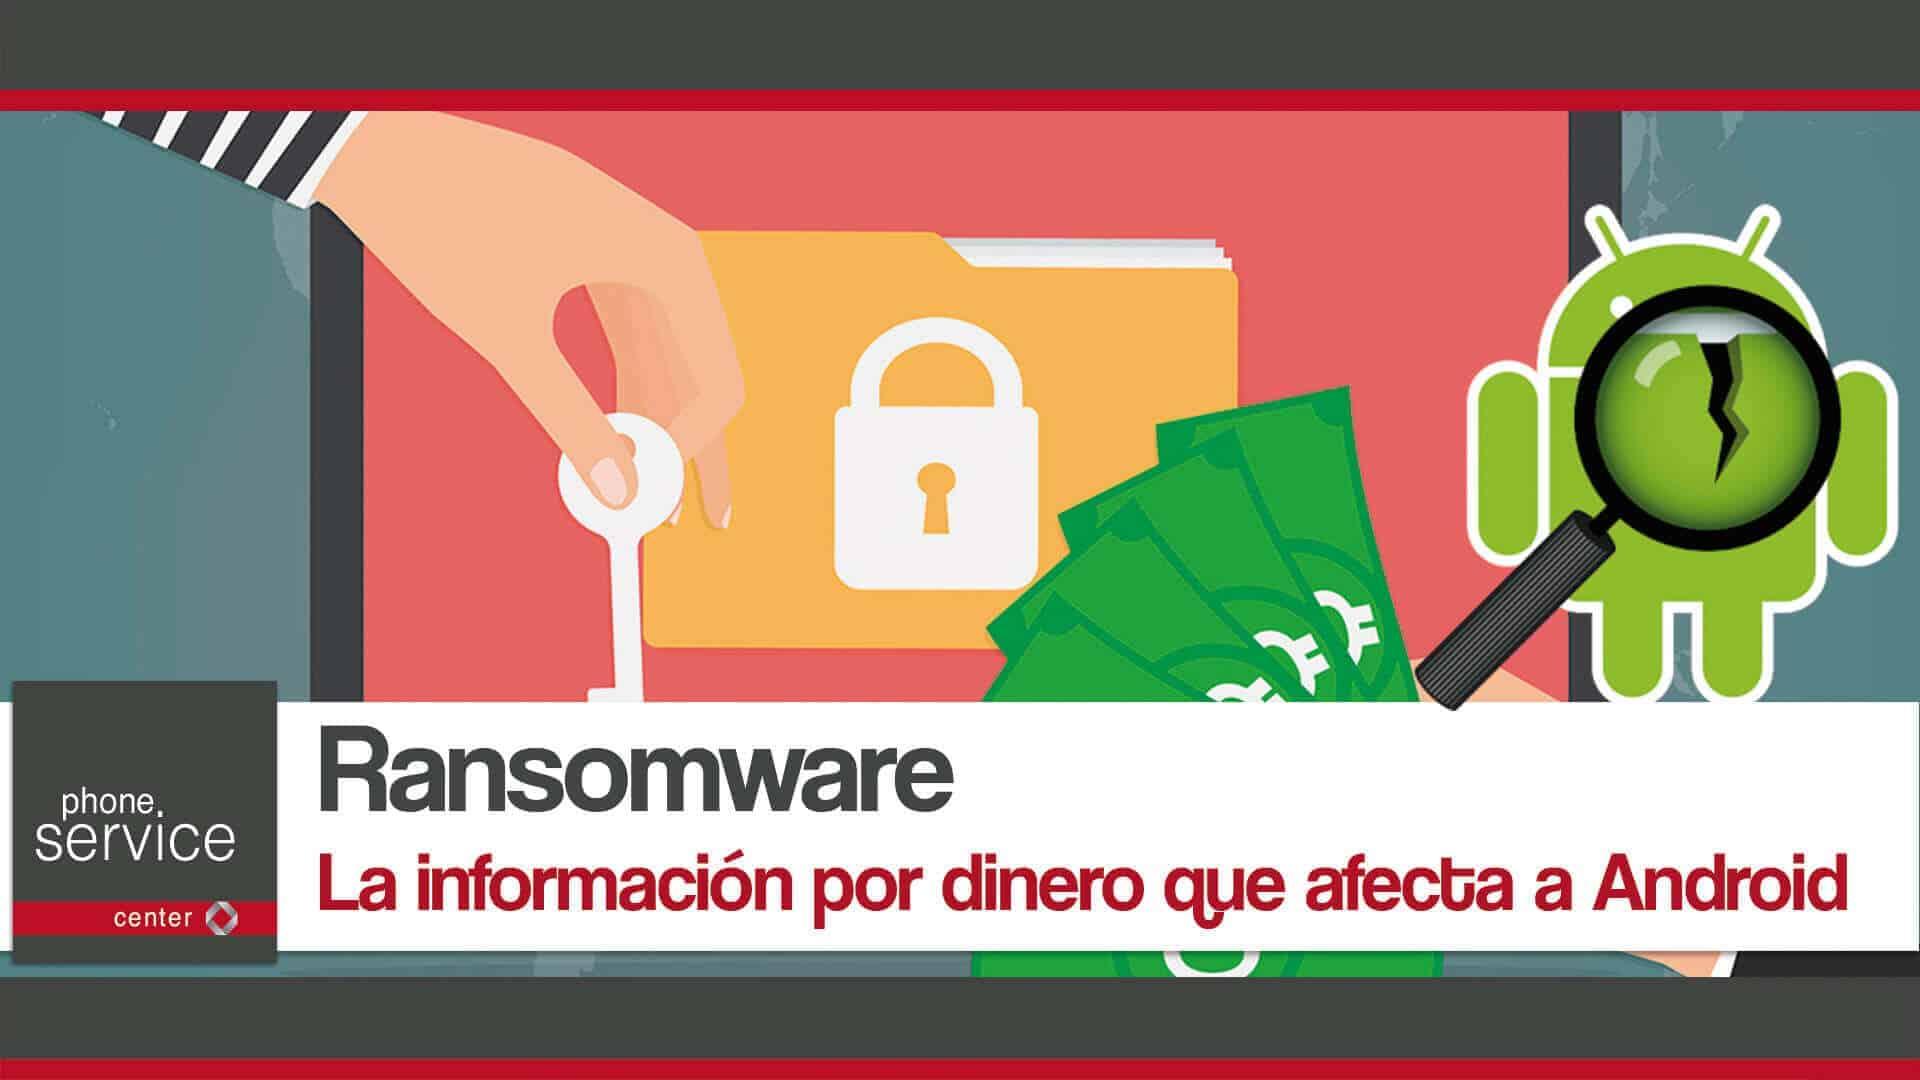 Ransomware informacion por dinero